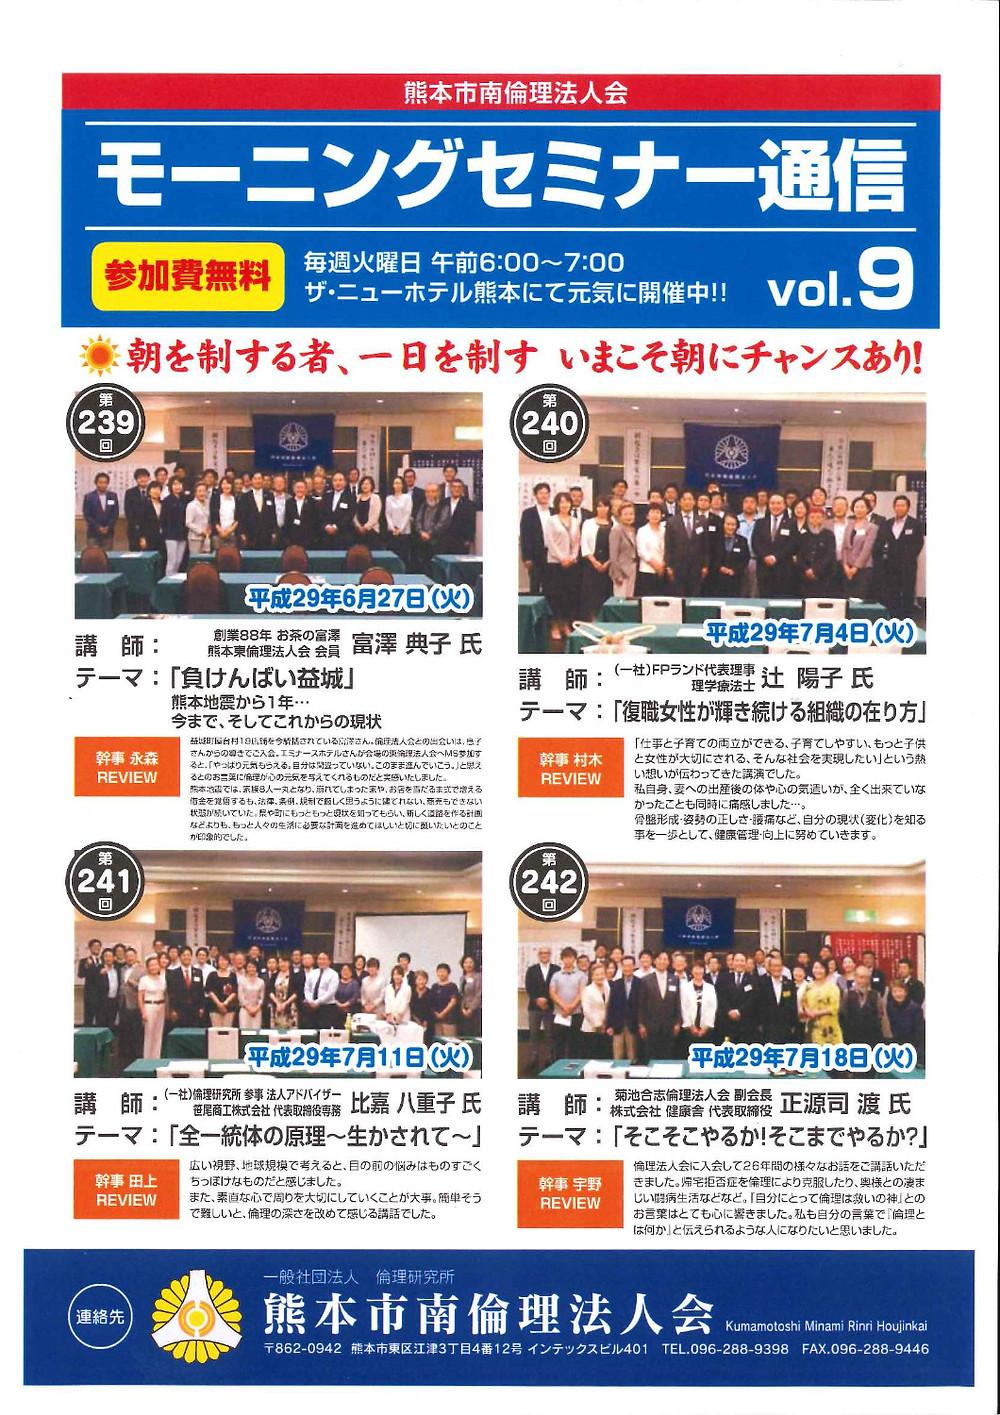 モーニングセミナー通信vol.9